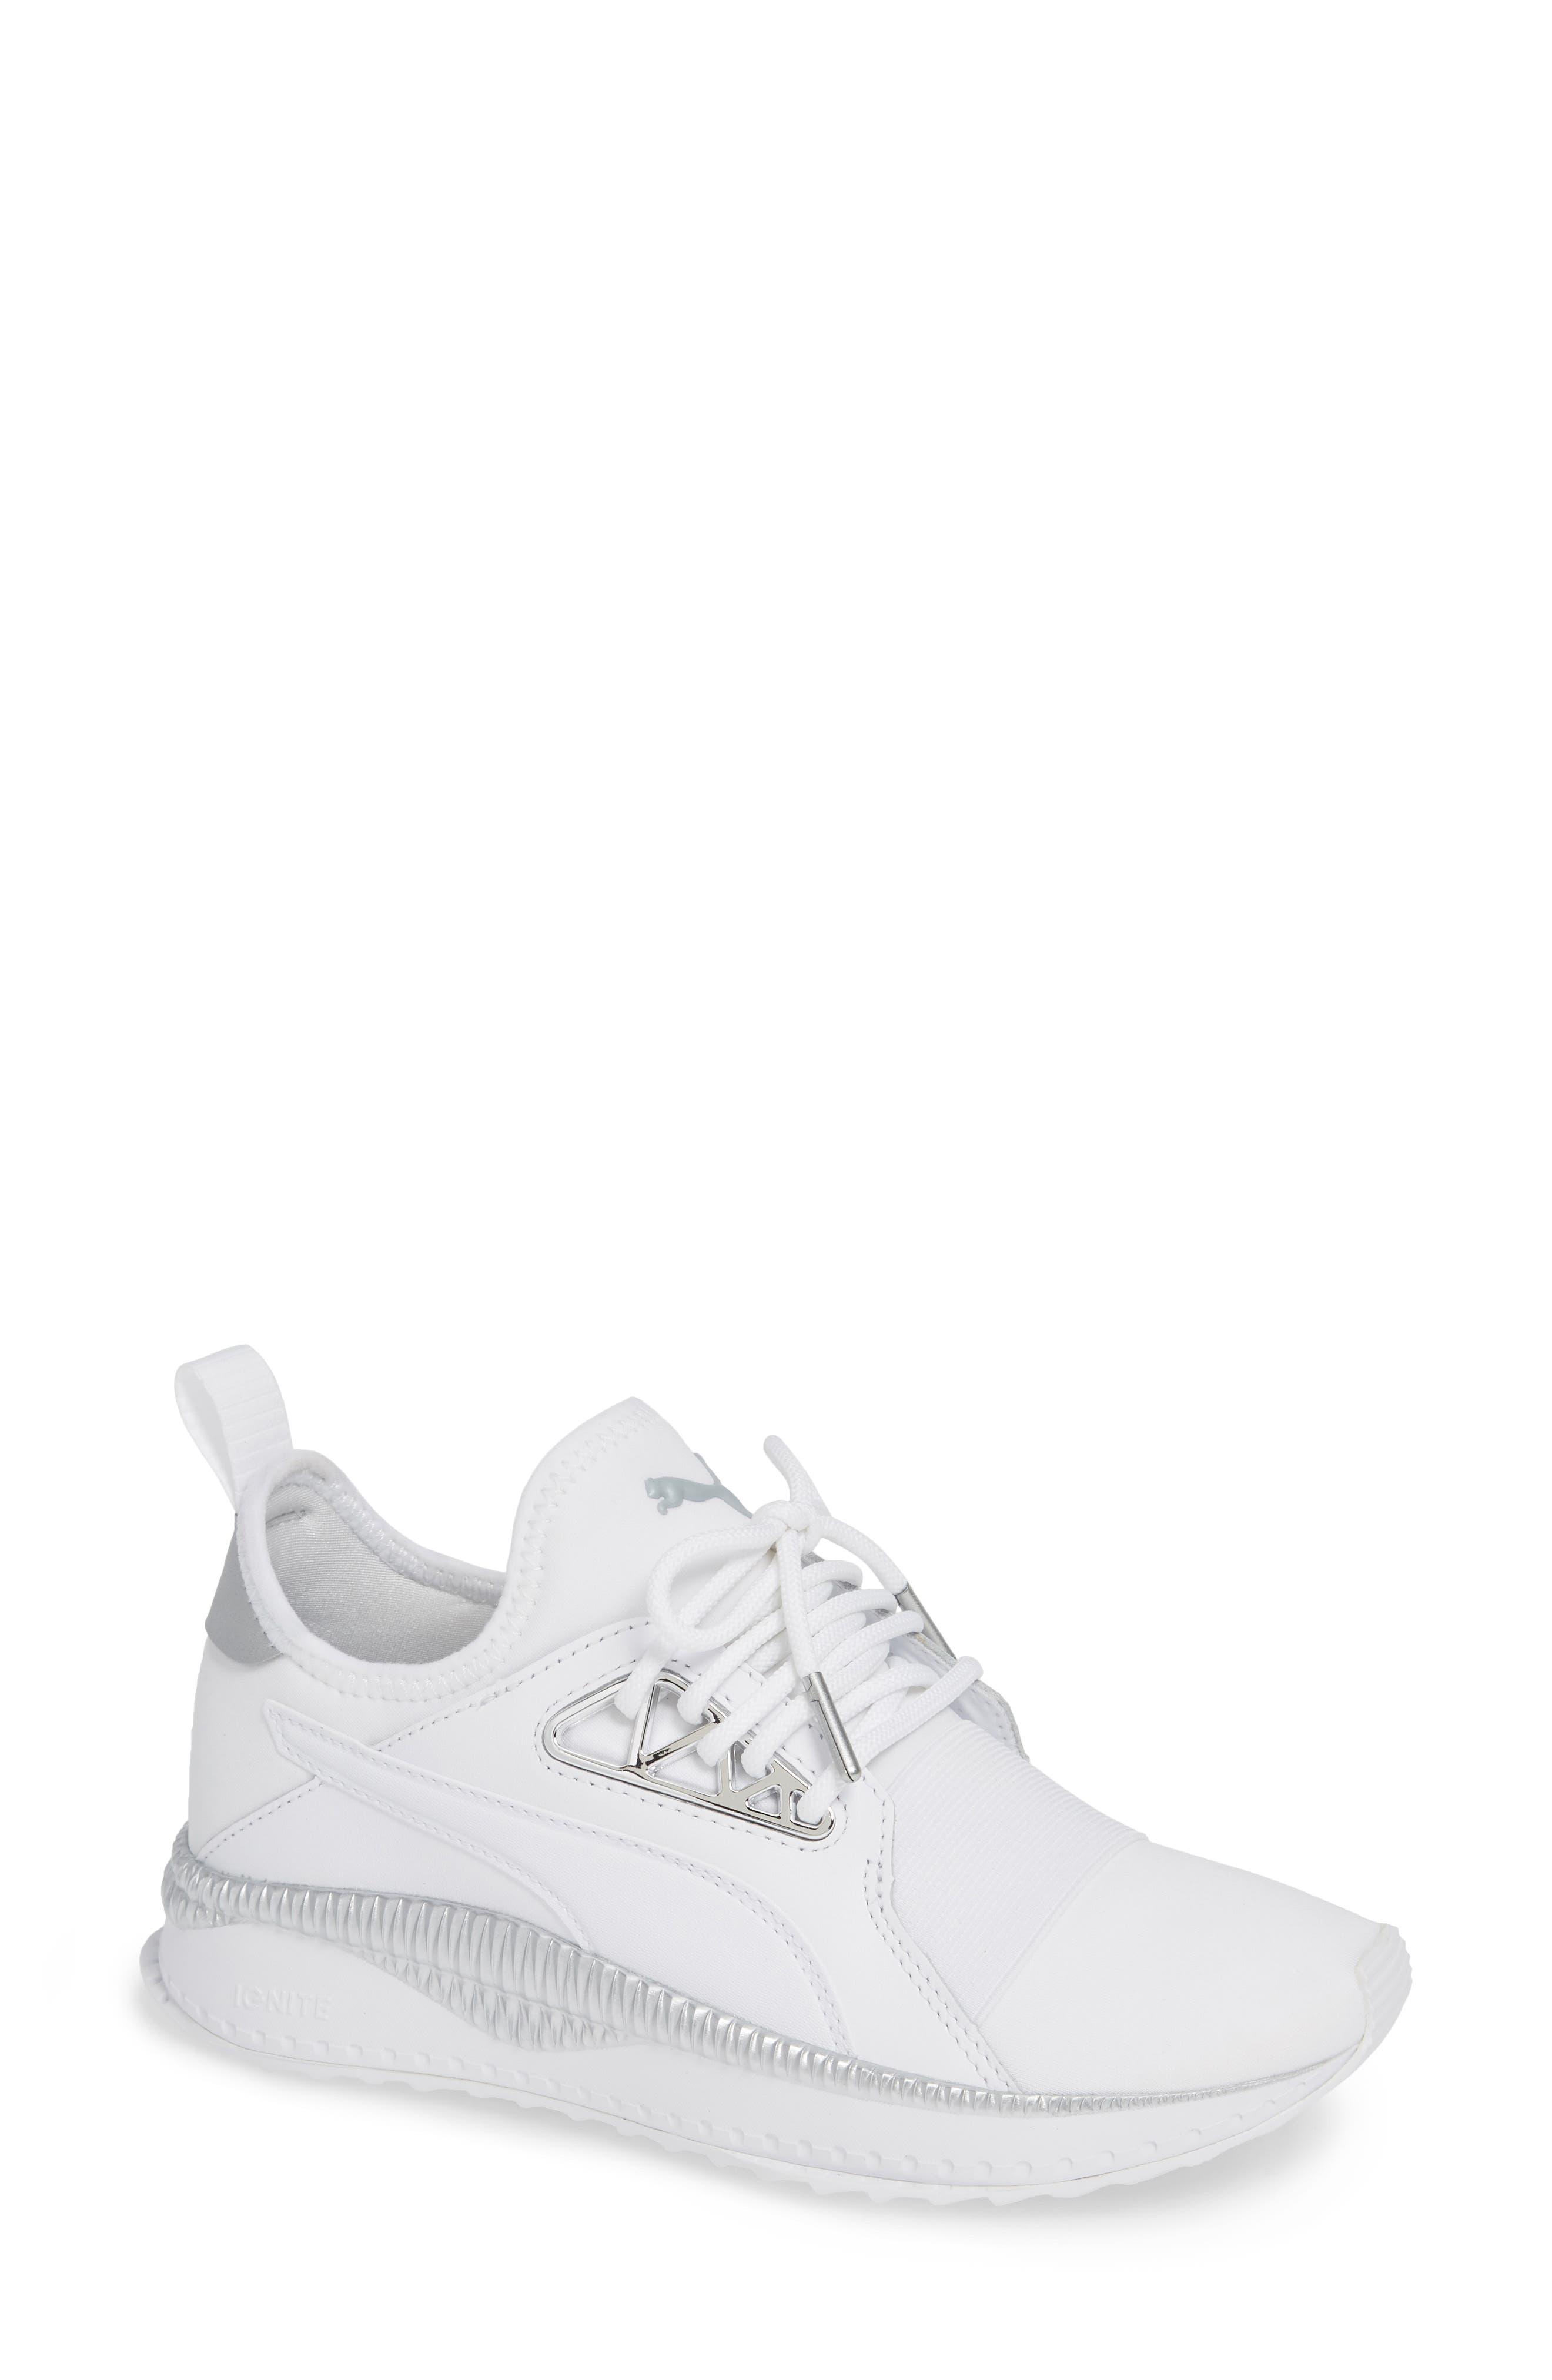 TSUGI Apex Jewel Sneaker,                         Main,                         color, PUMA WHITE/ PUMA WHITE